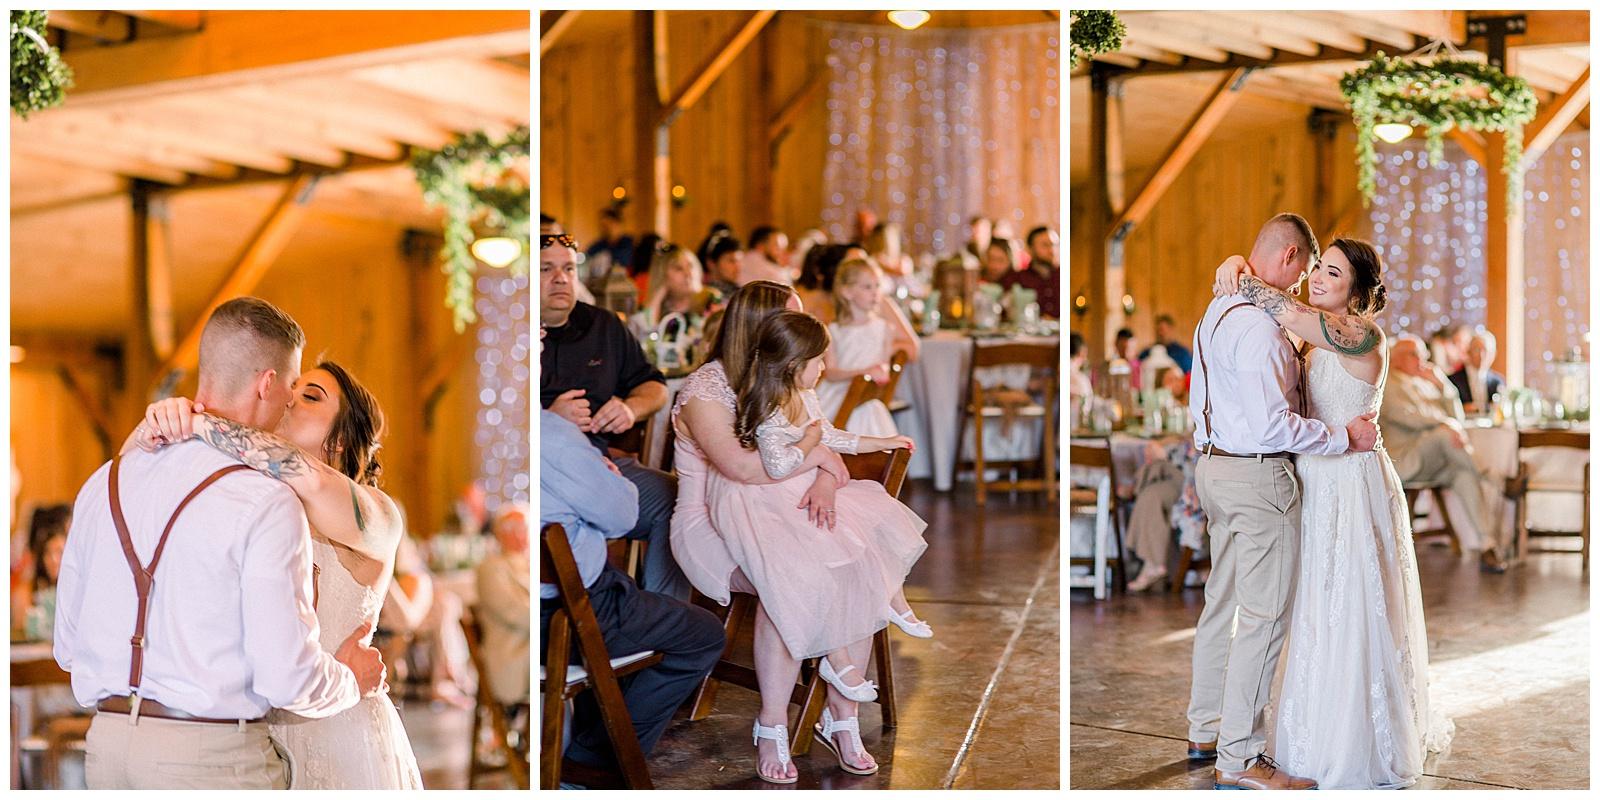 Lewis-Kara-Blakeman-Photography-Huntington-West-Virginia-Wedding-Barn-Olde-Homestead-45